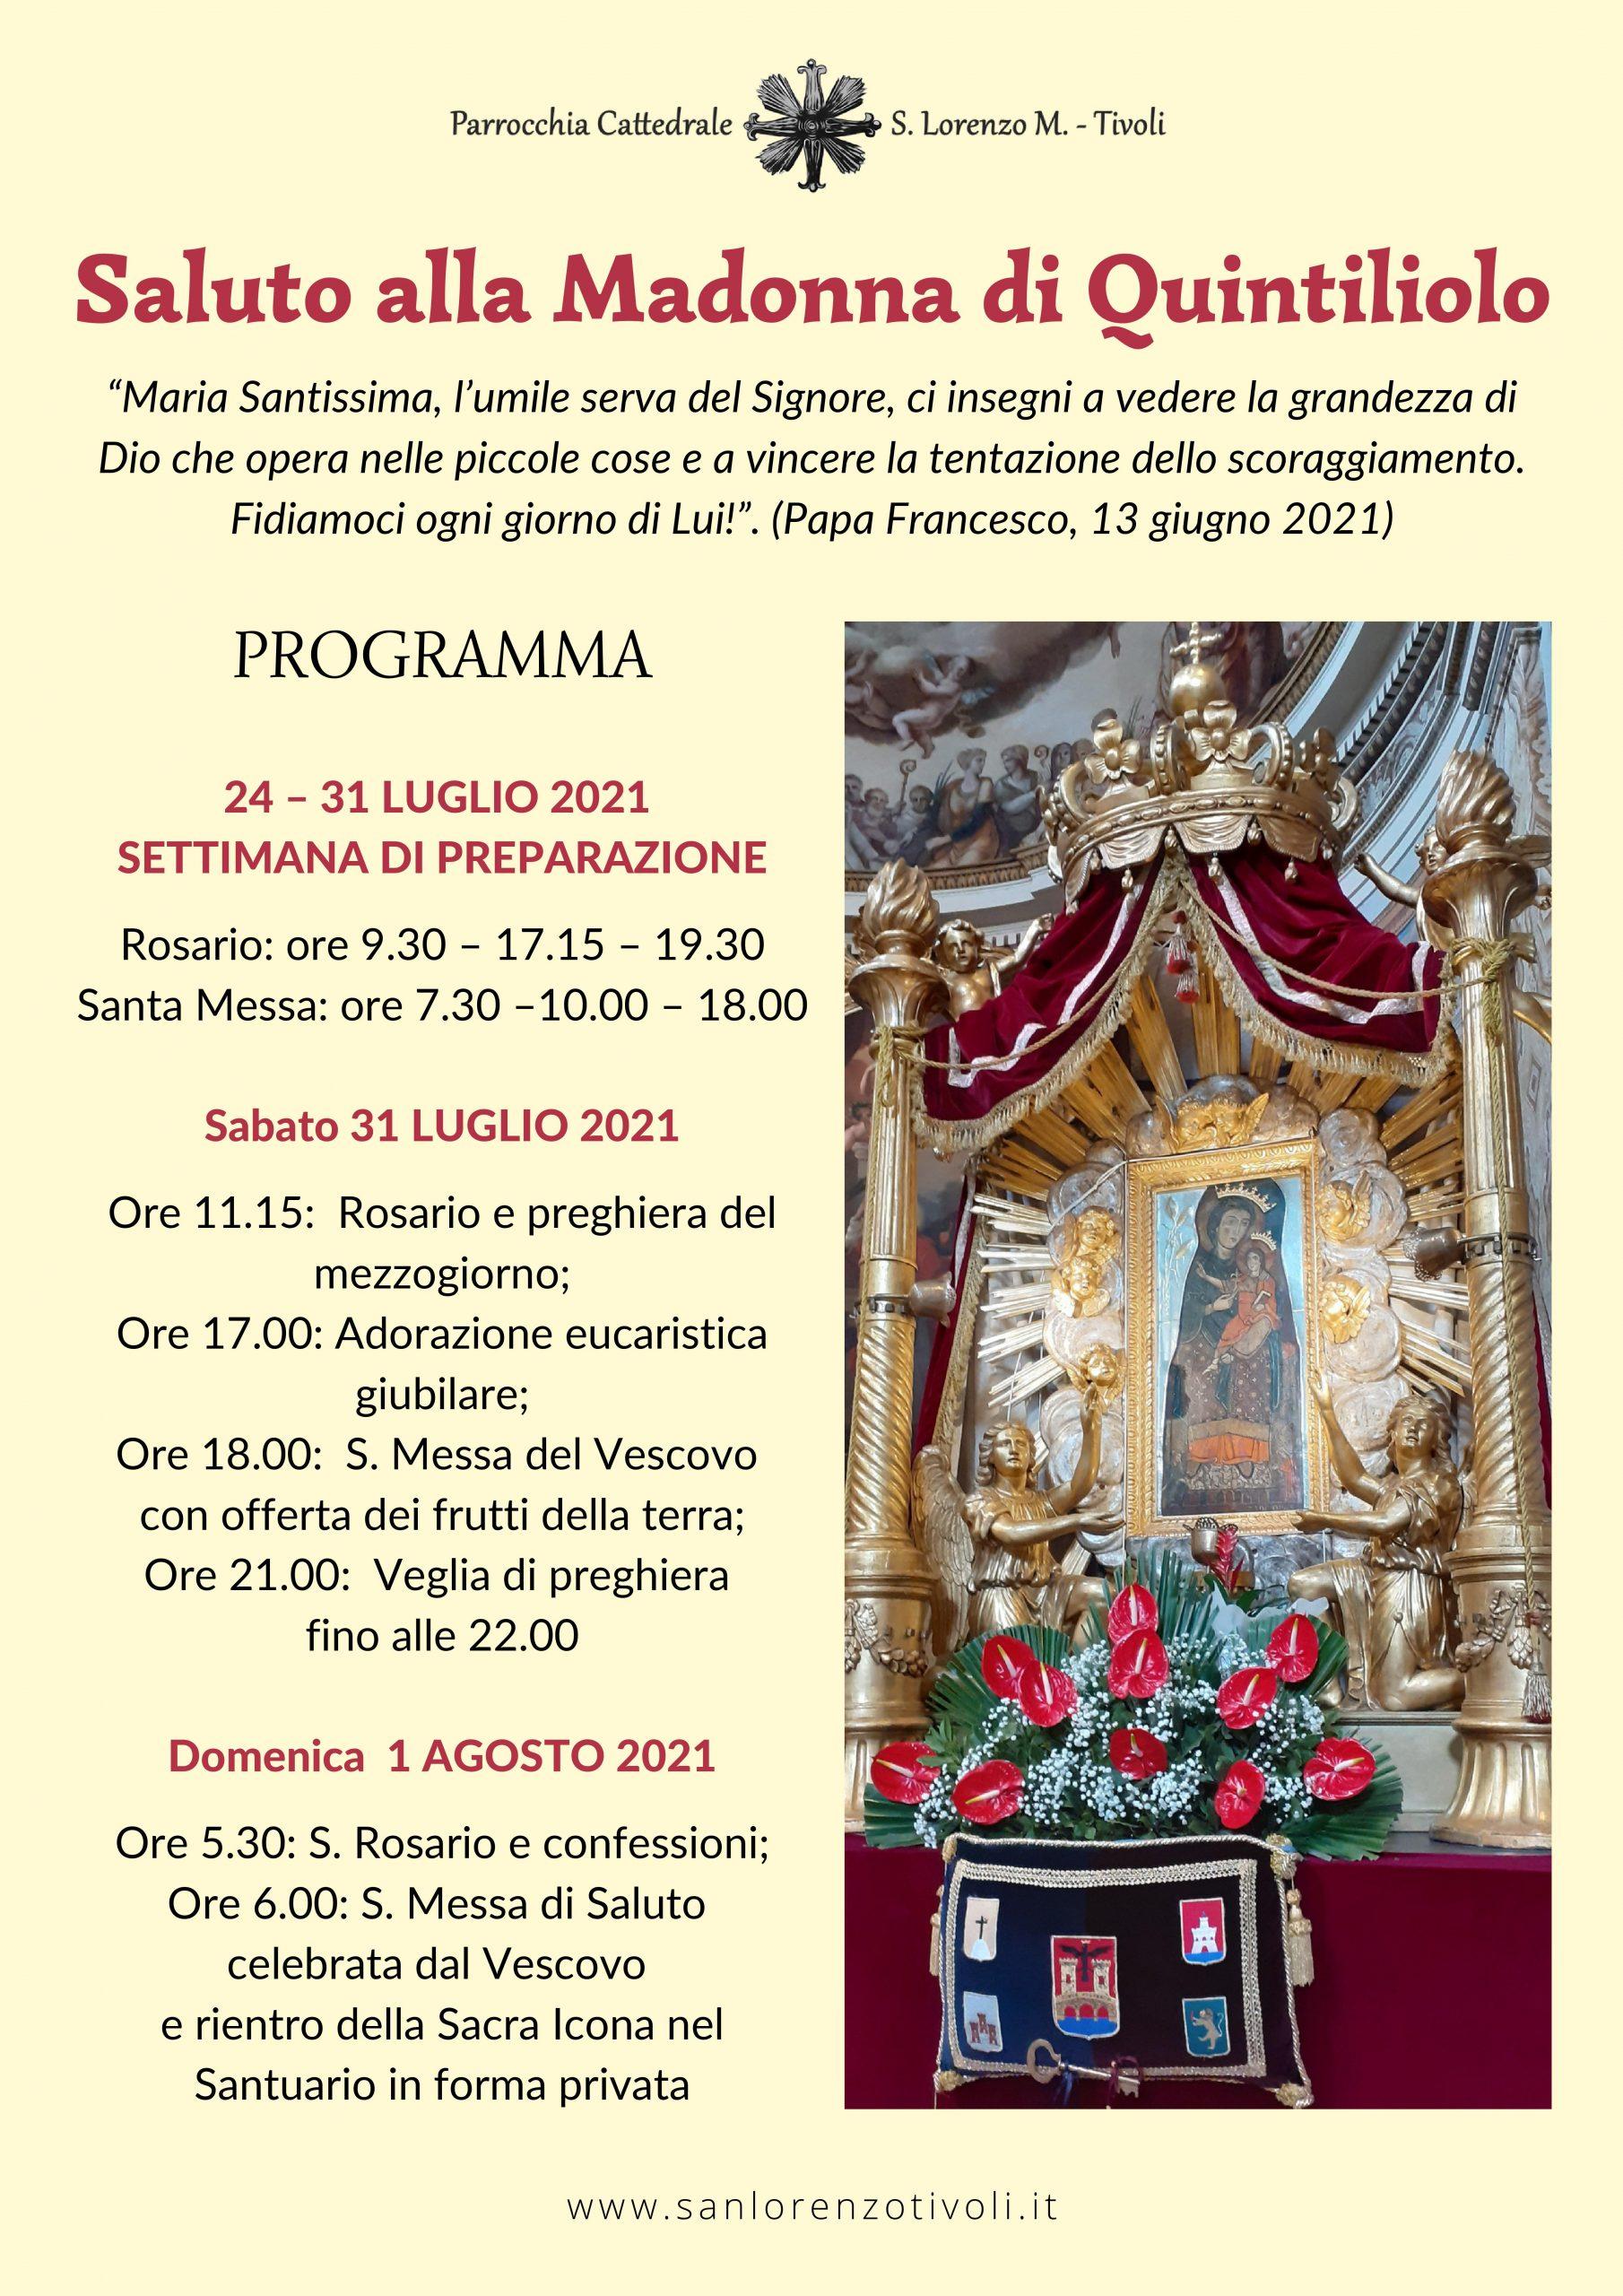 Saluto alla Madonna di Quintiliolo. Il Programma